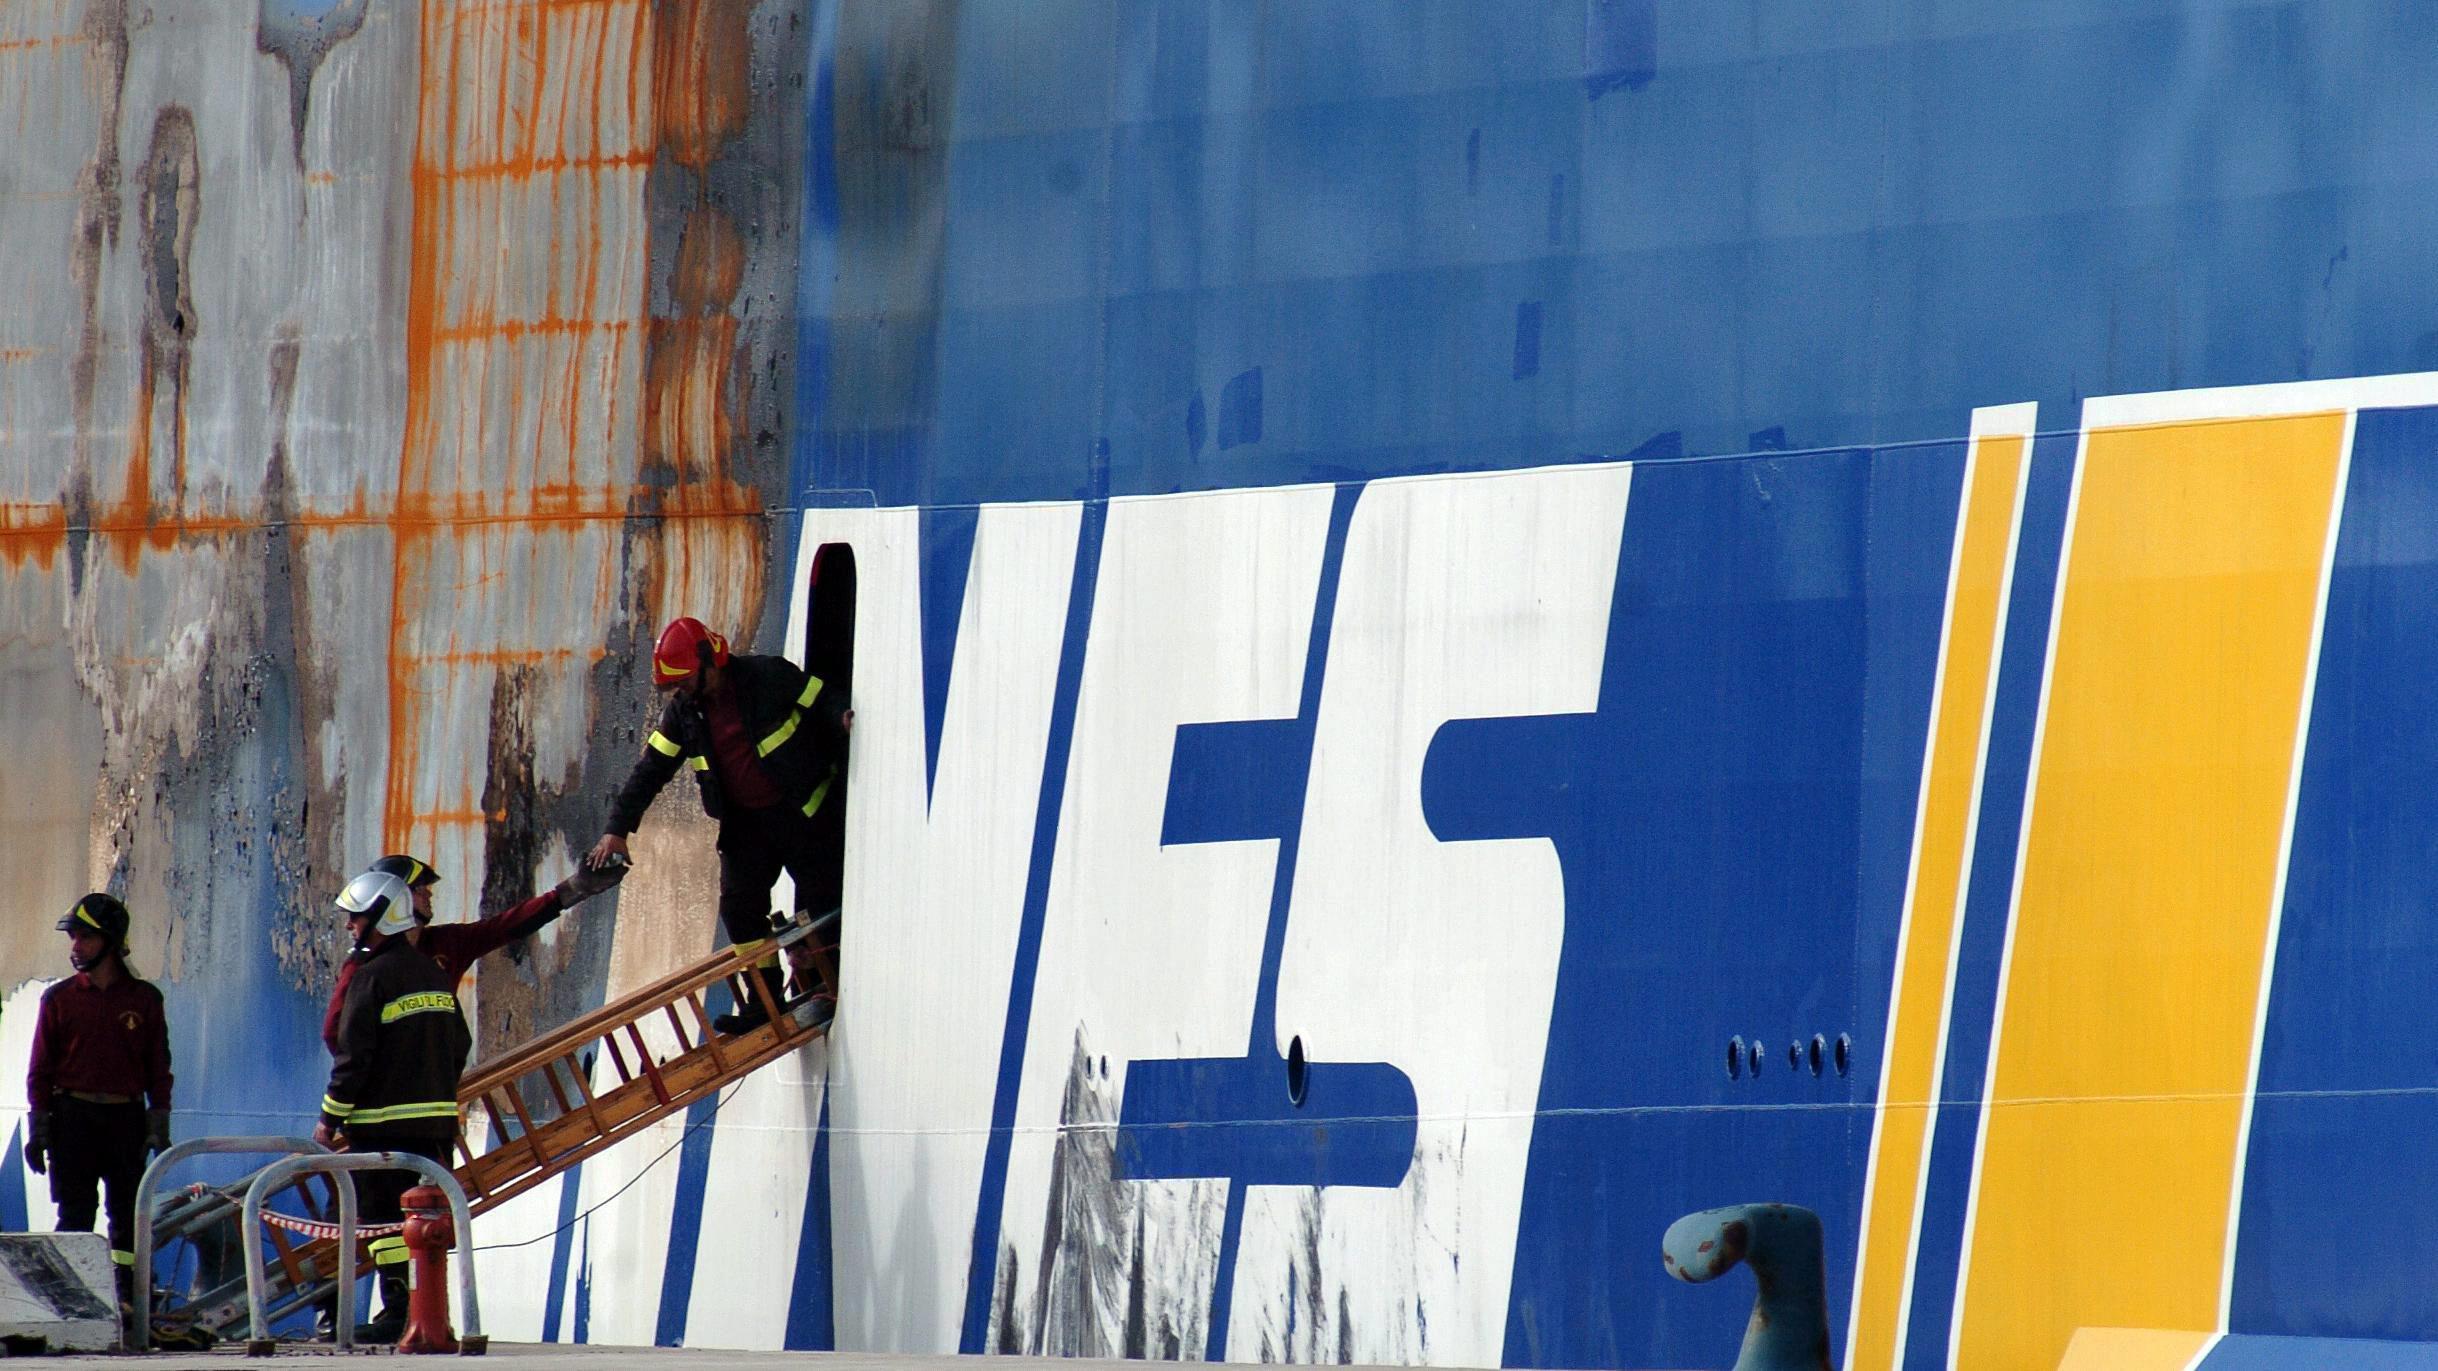 Επιβάτης τoυ Norman Atlantic ζητά αποζημίωση €308.000   tovima.gr